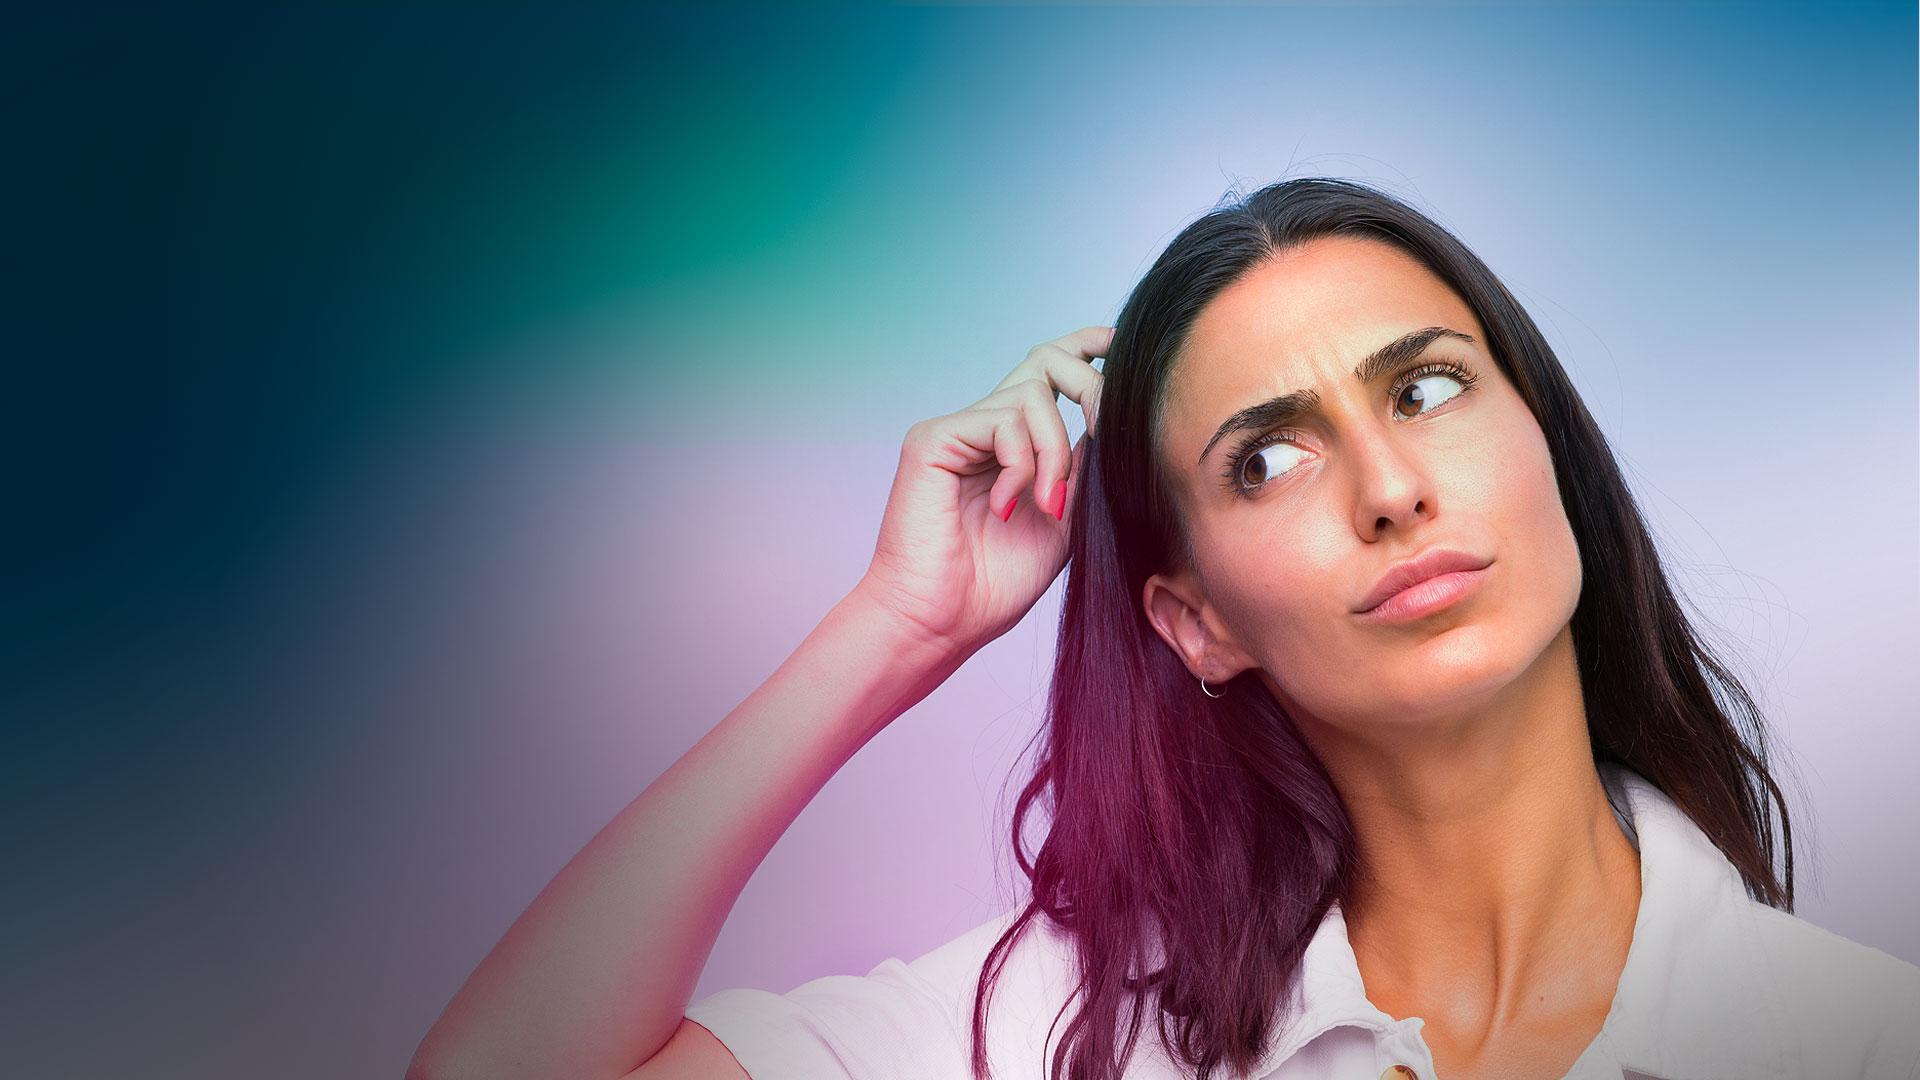 Quando devo fazer meu primeiro exame de prevenção de câncer colorretal?